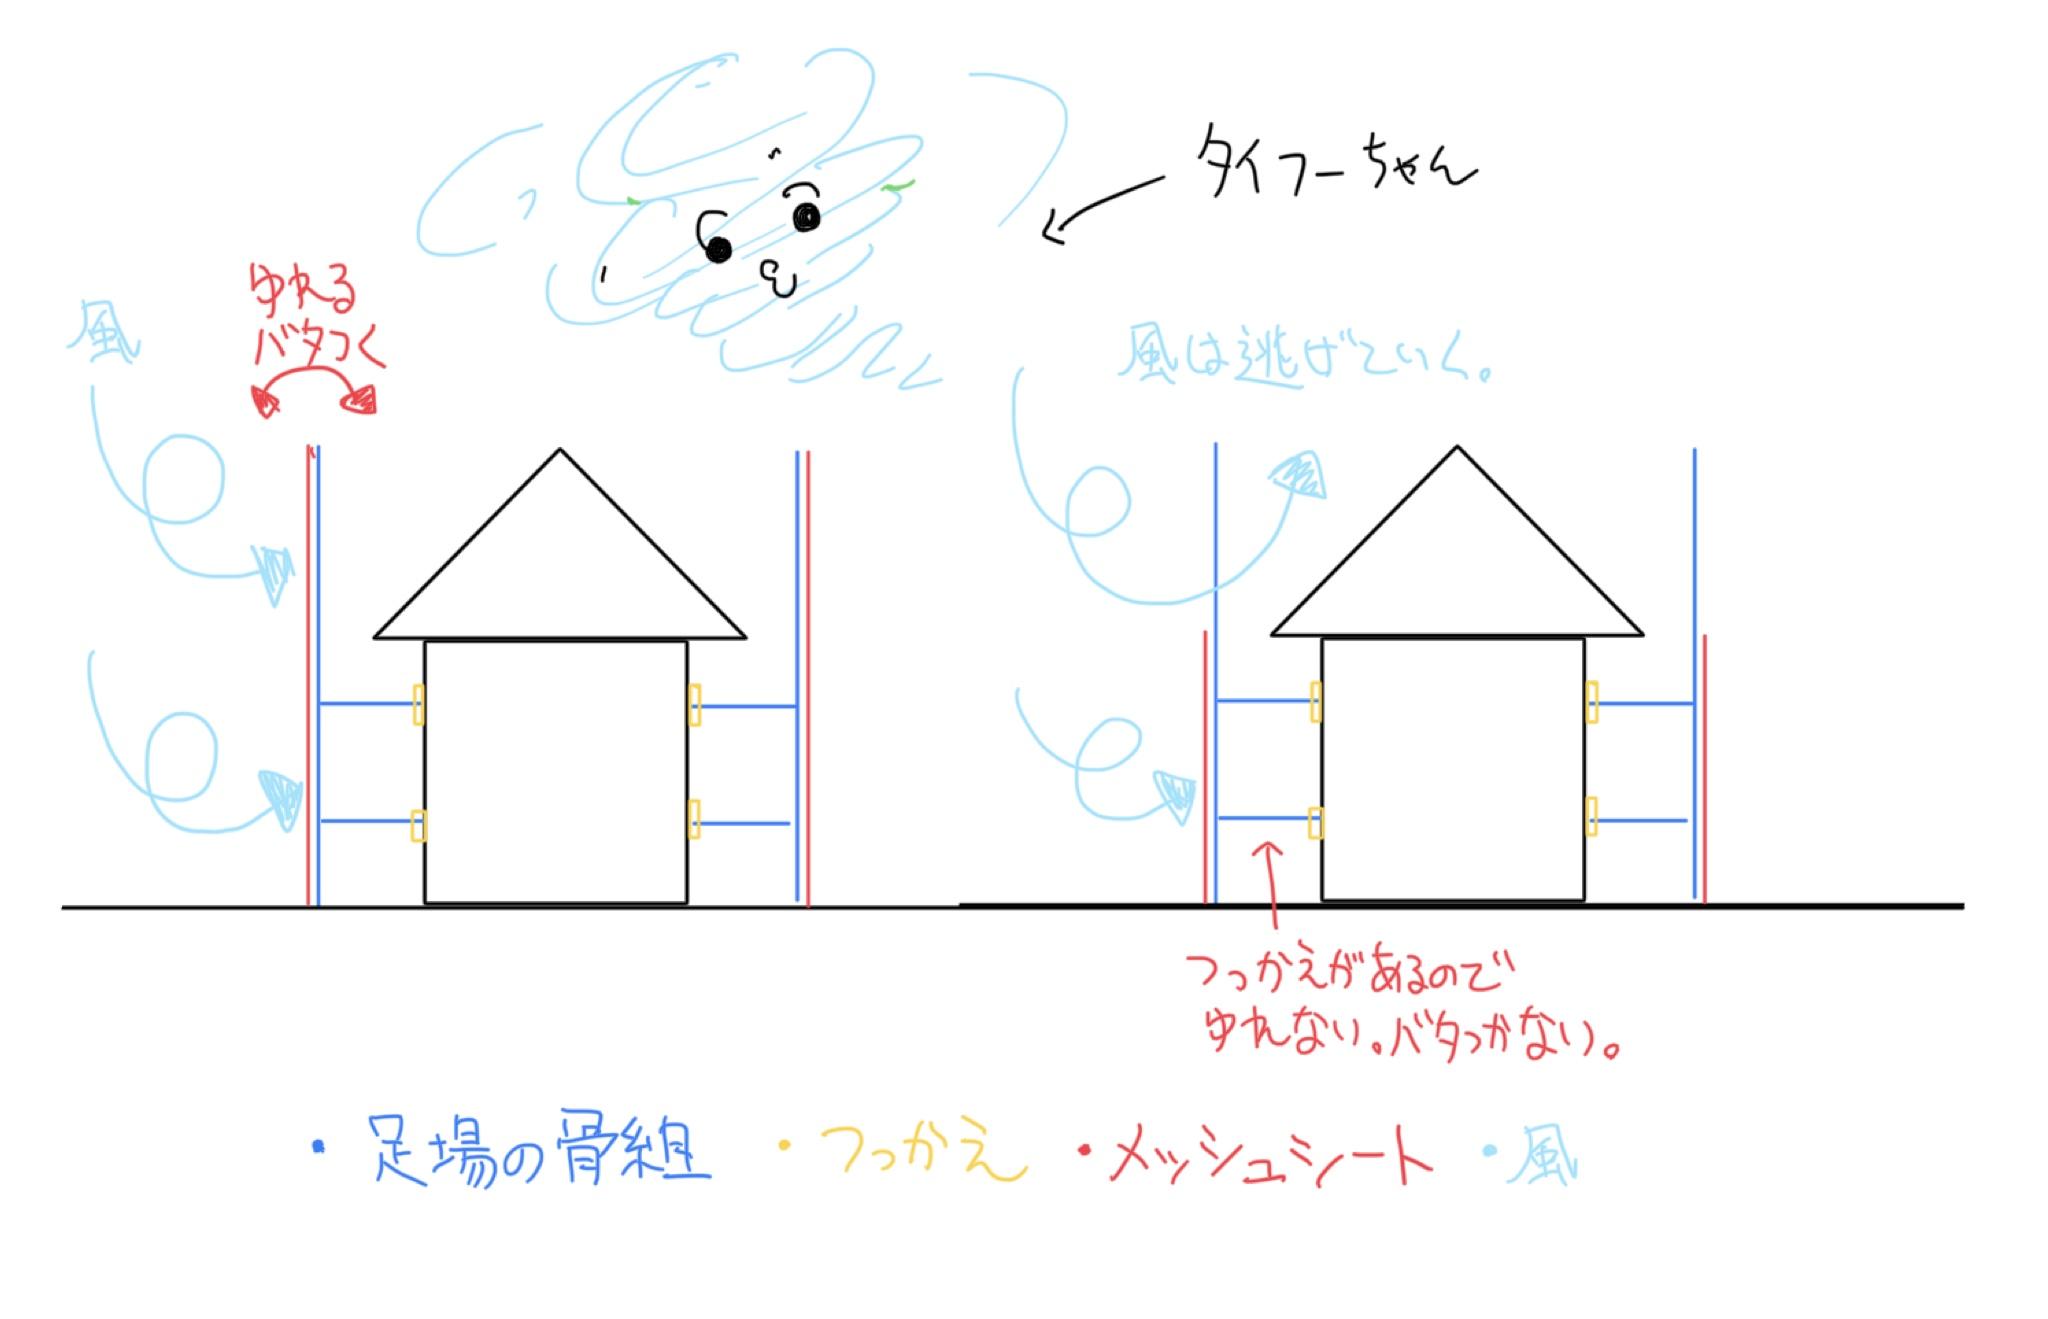 台風養生の原理の図